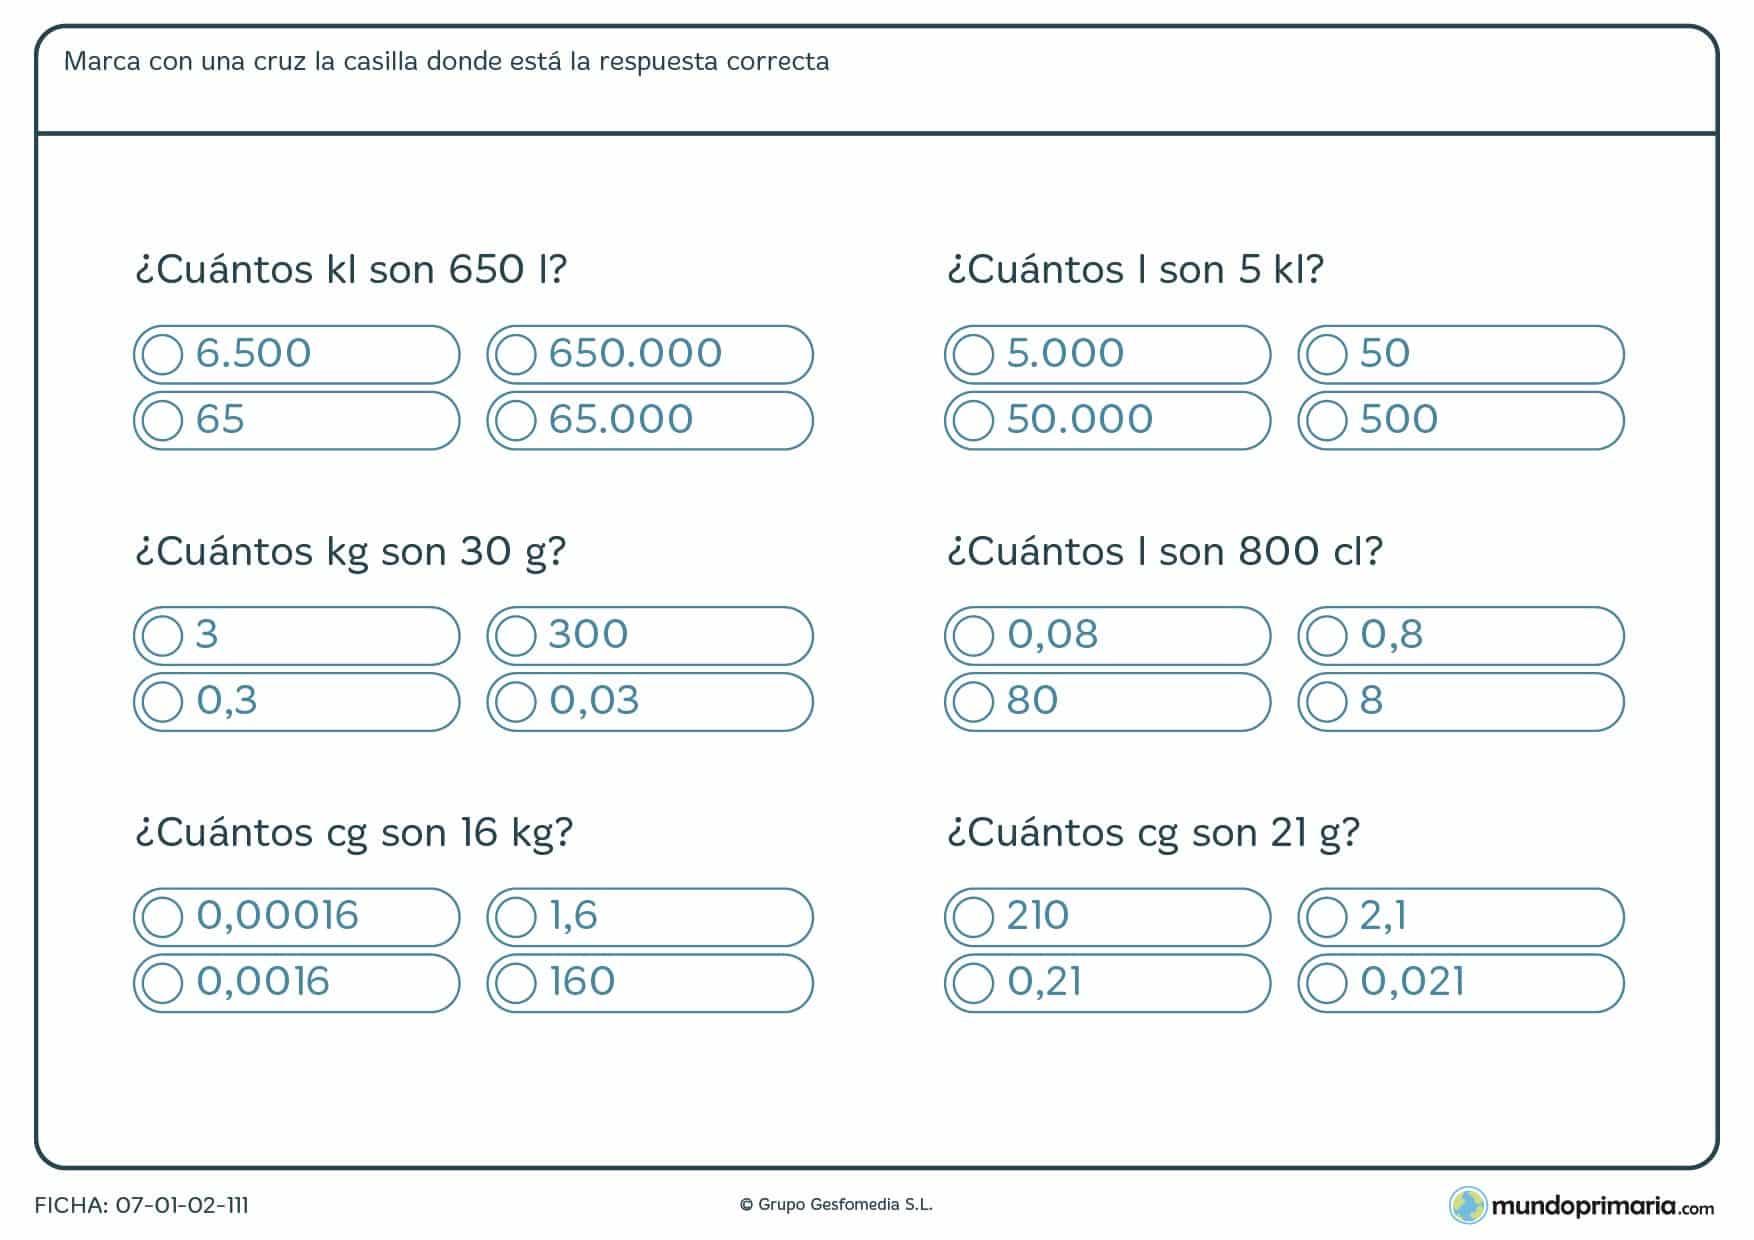 Ficha de igualdades entre unidades de medida para alumnos de Primaria